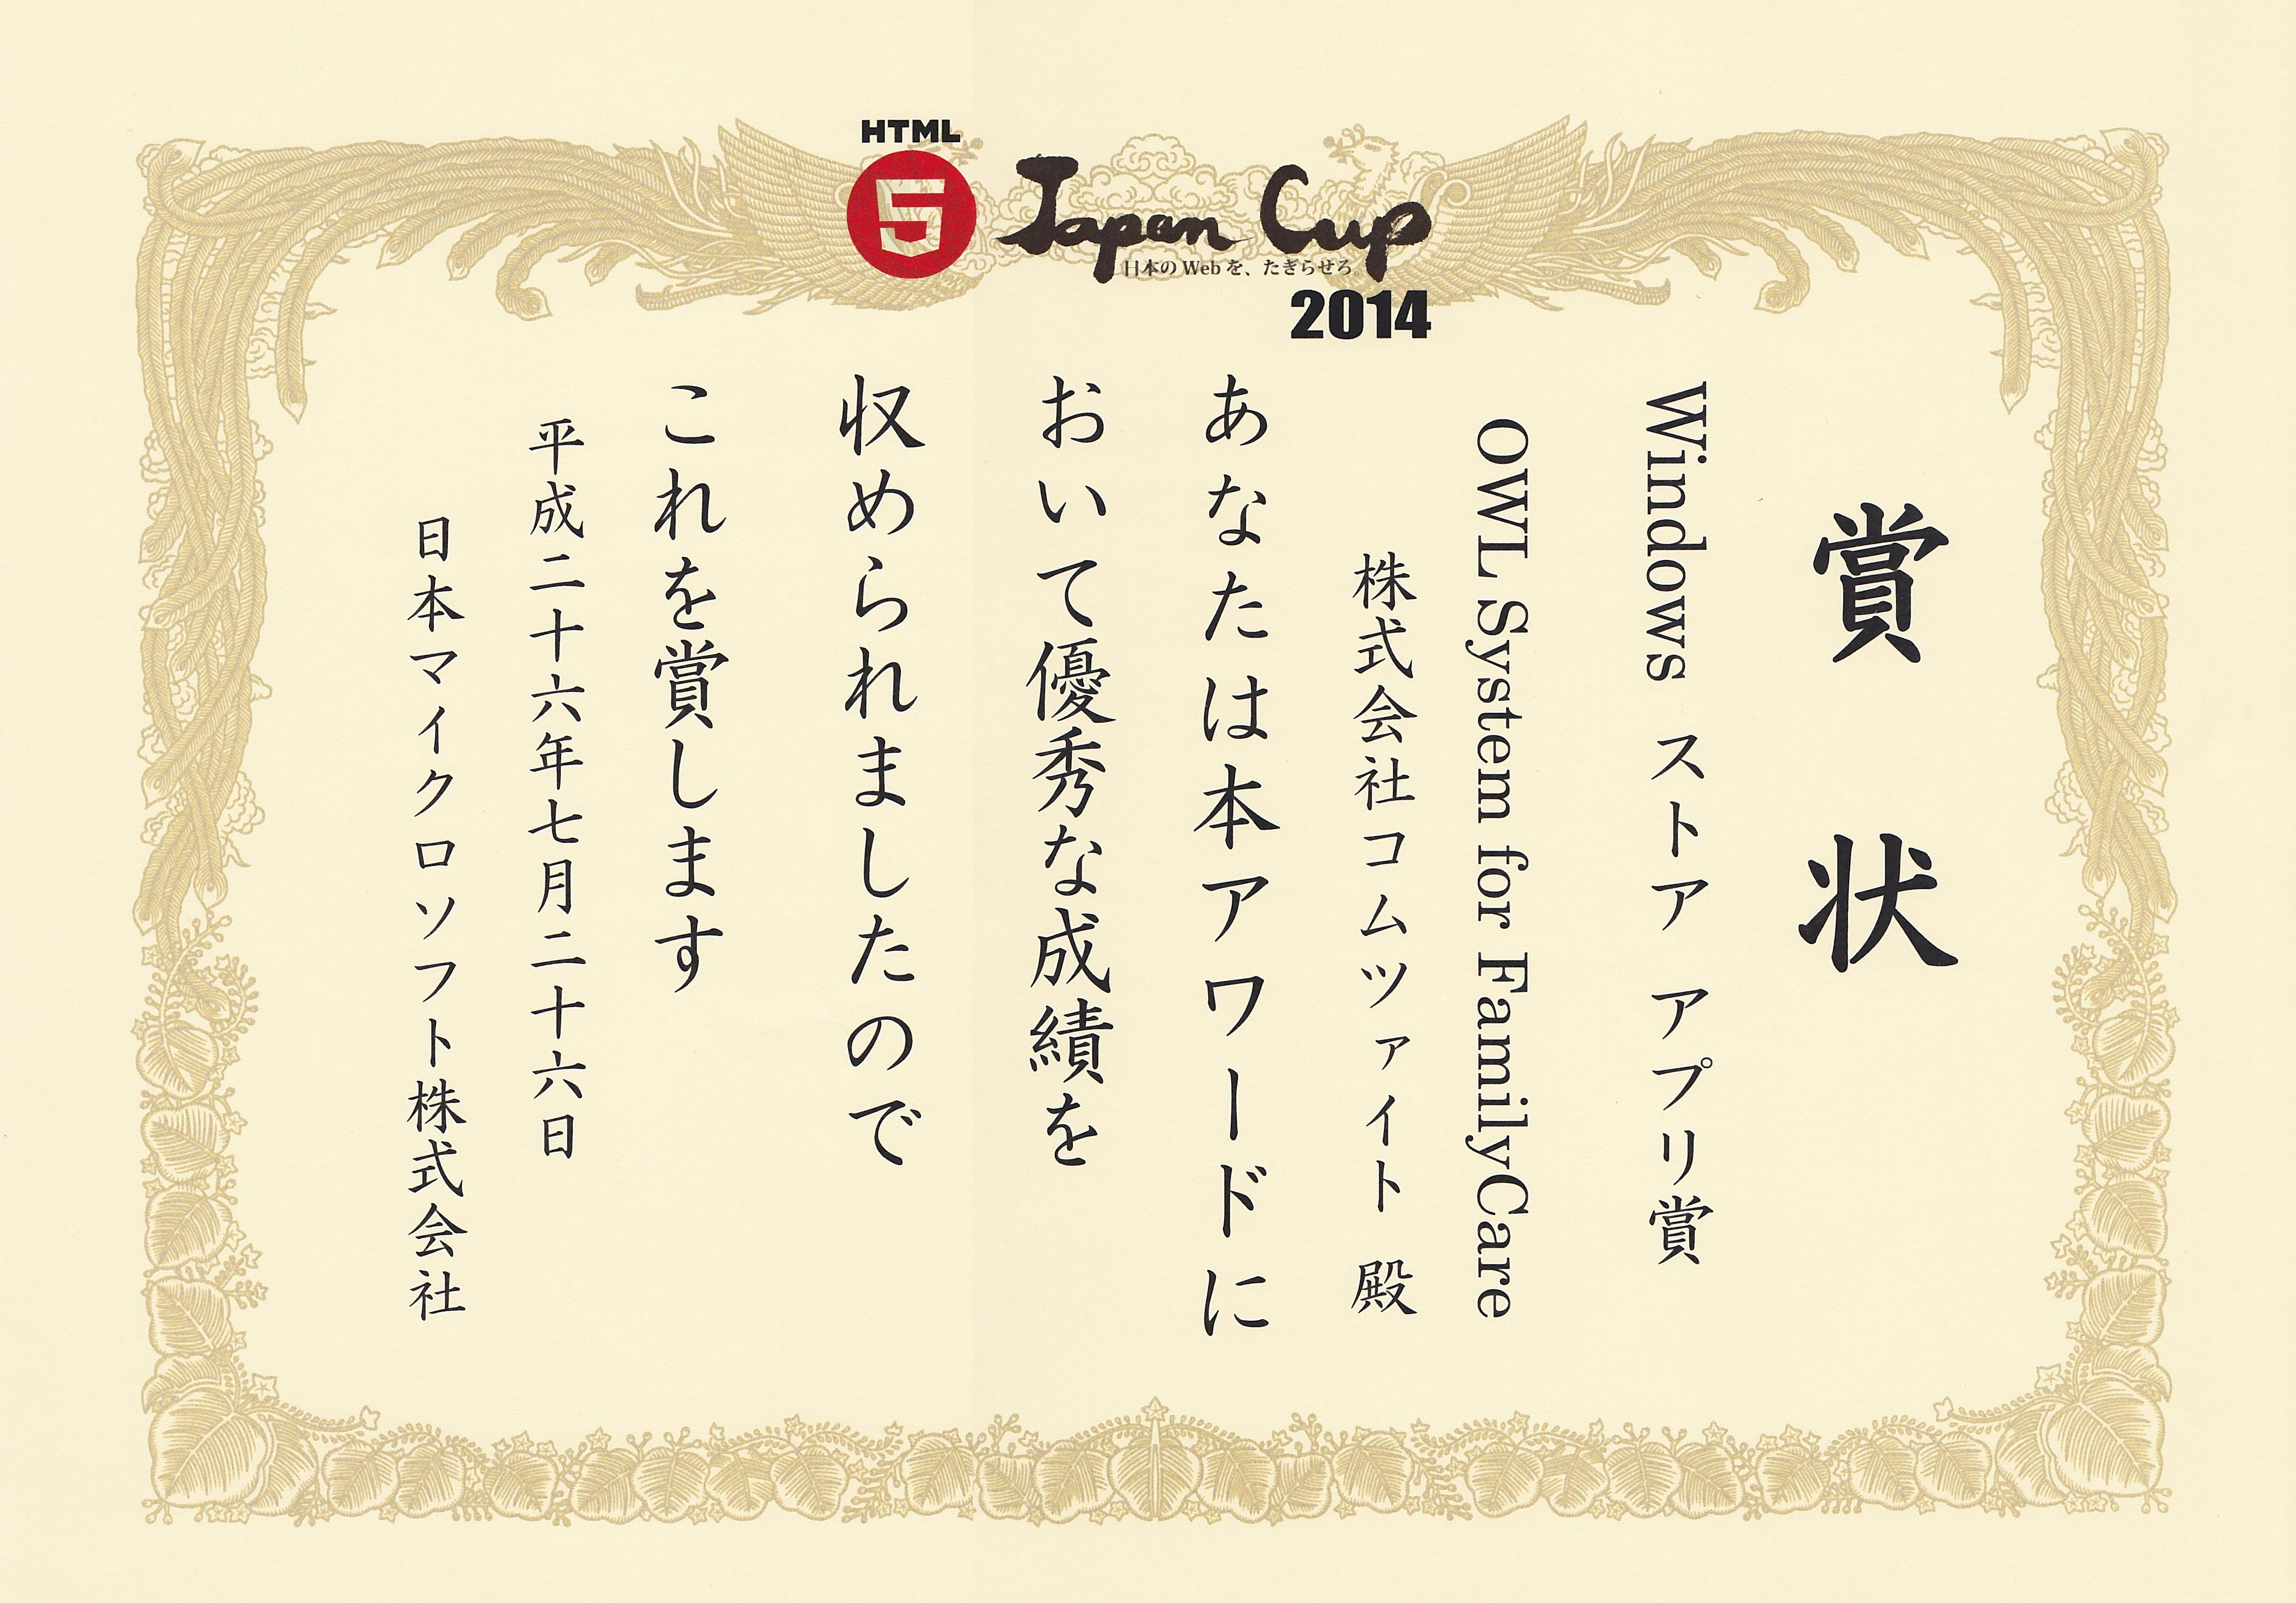 HTML5 Japan Cup 2014 で 「Windows ストアアプリ賞」を頂きました♪